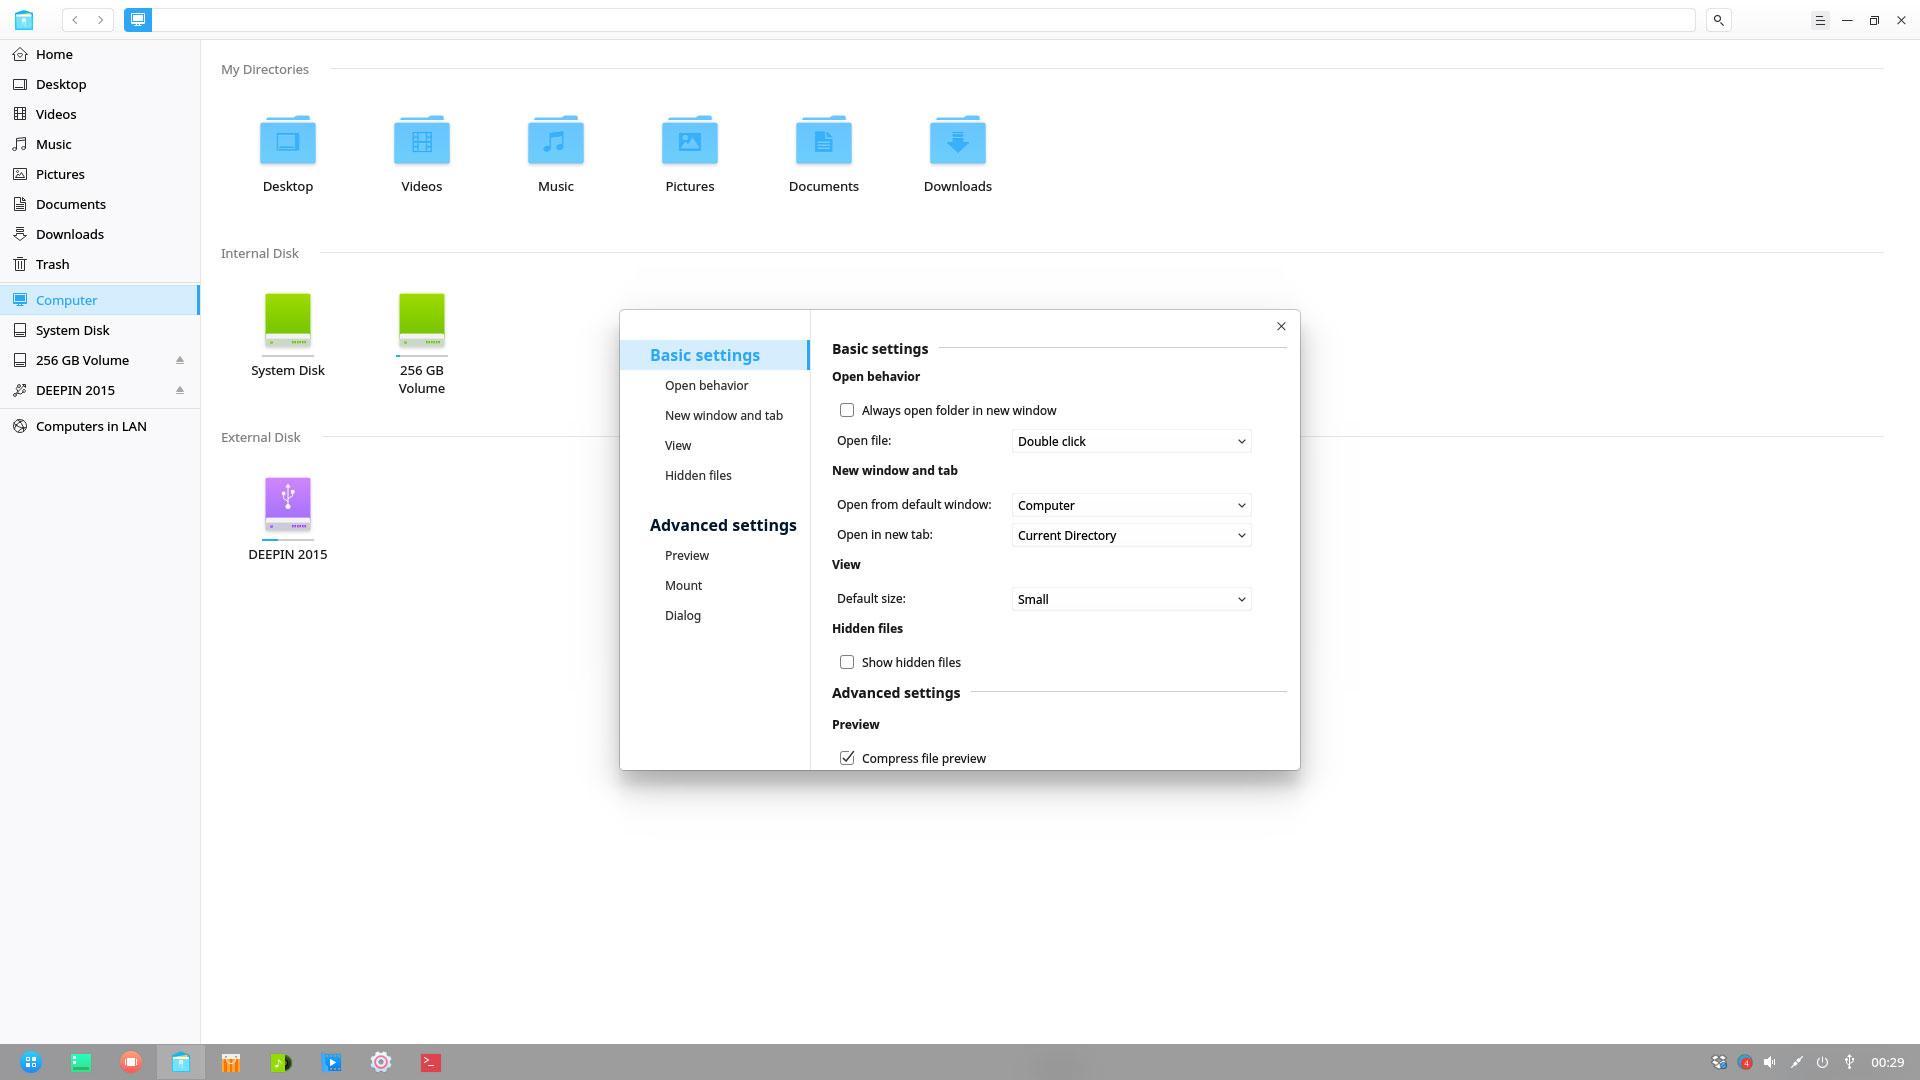 Deepin - пожалуй, самый удобный Linux-дистрибутив для домашнего использования